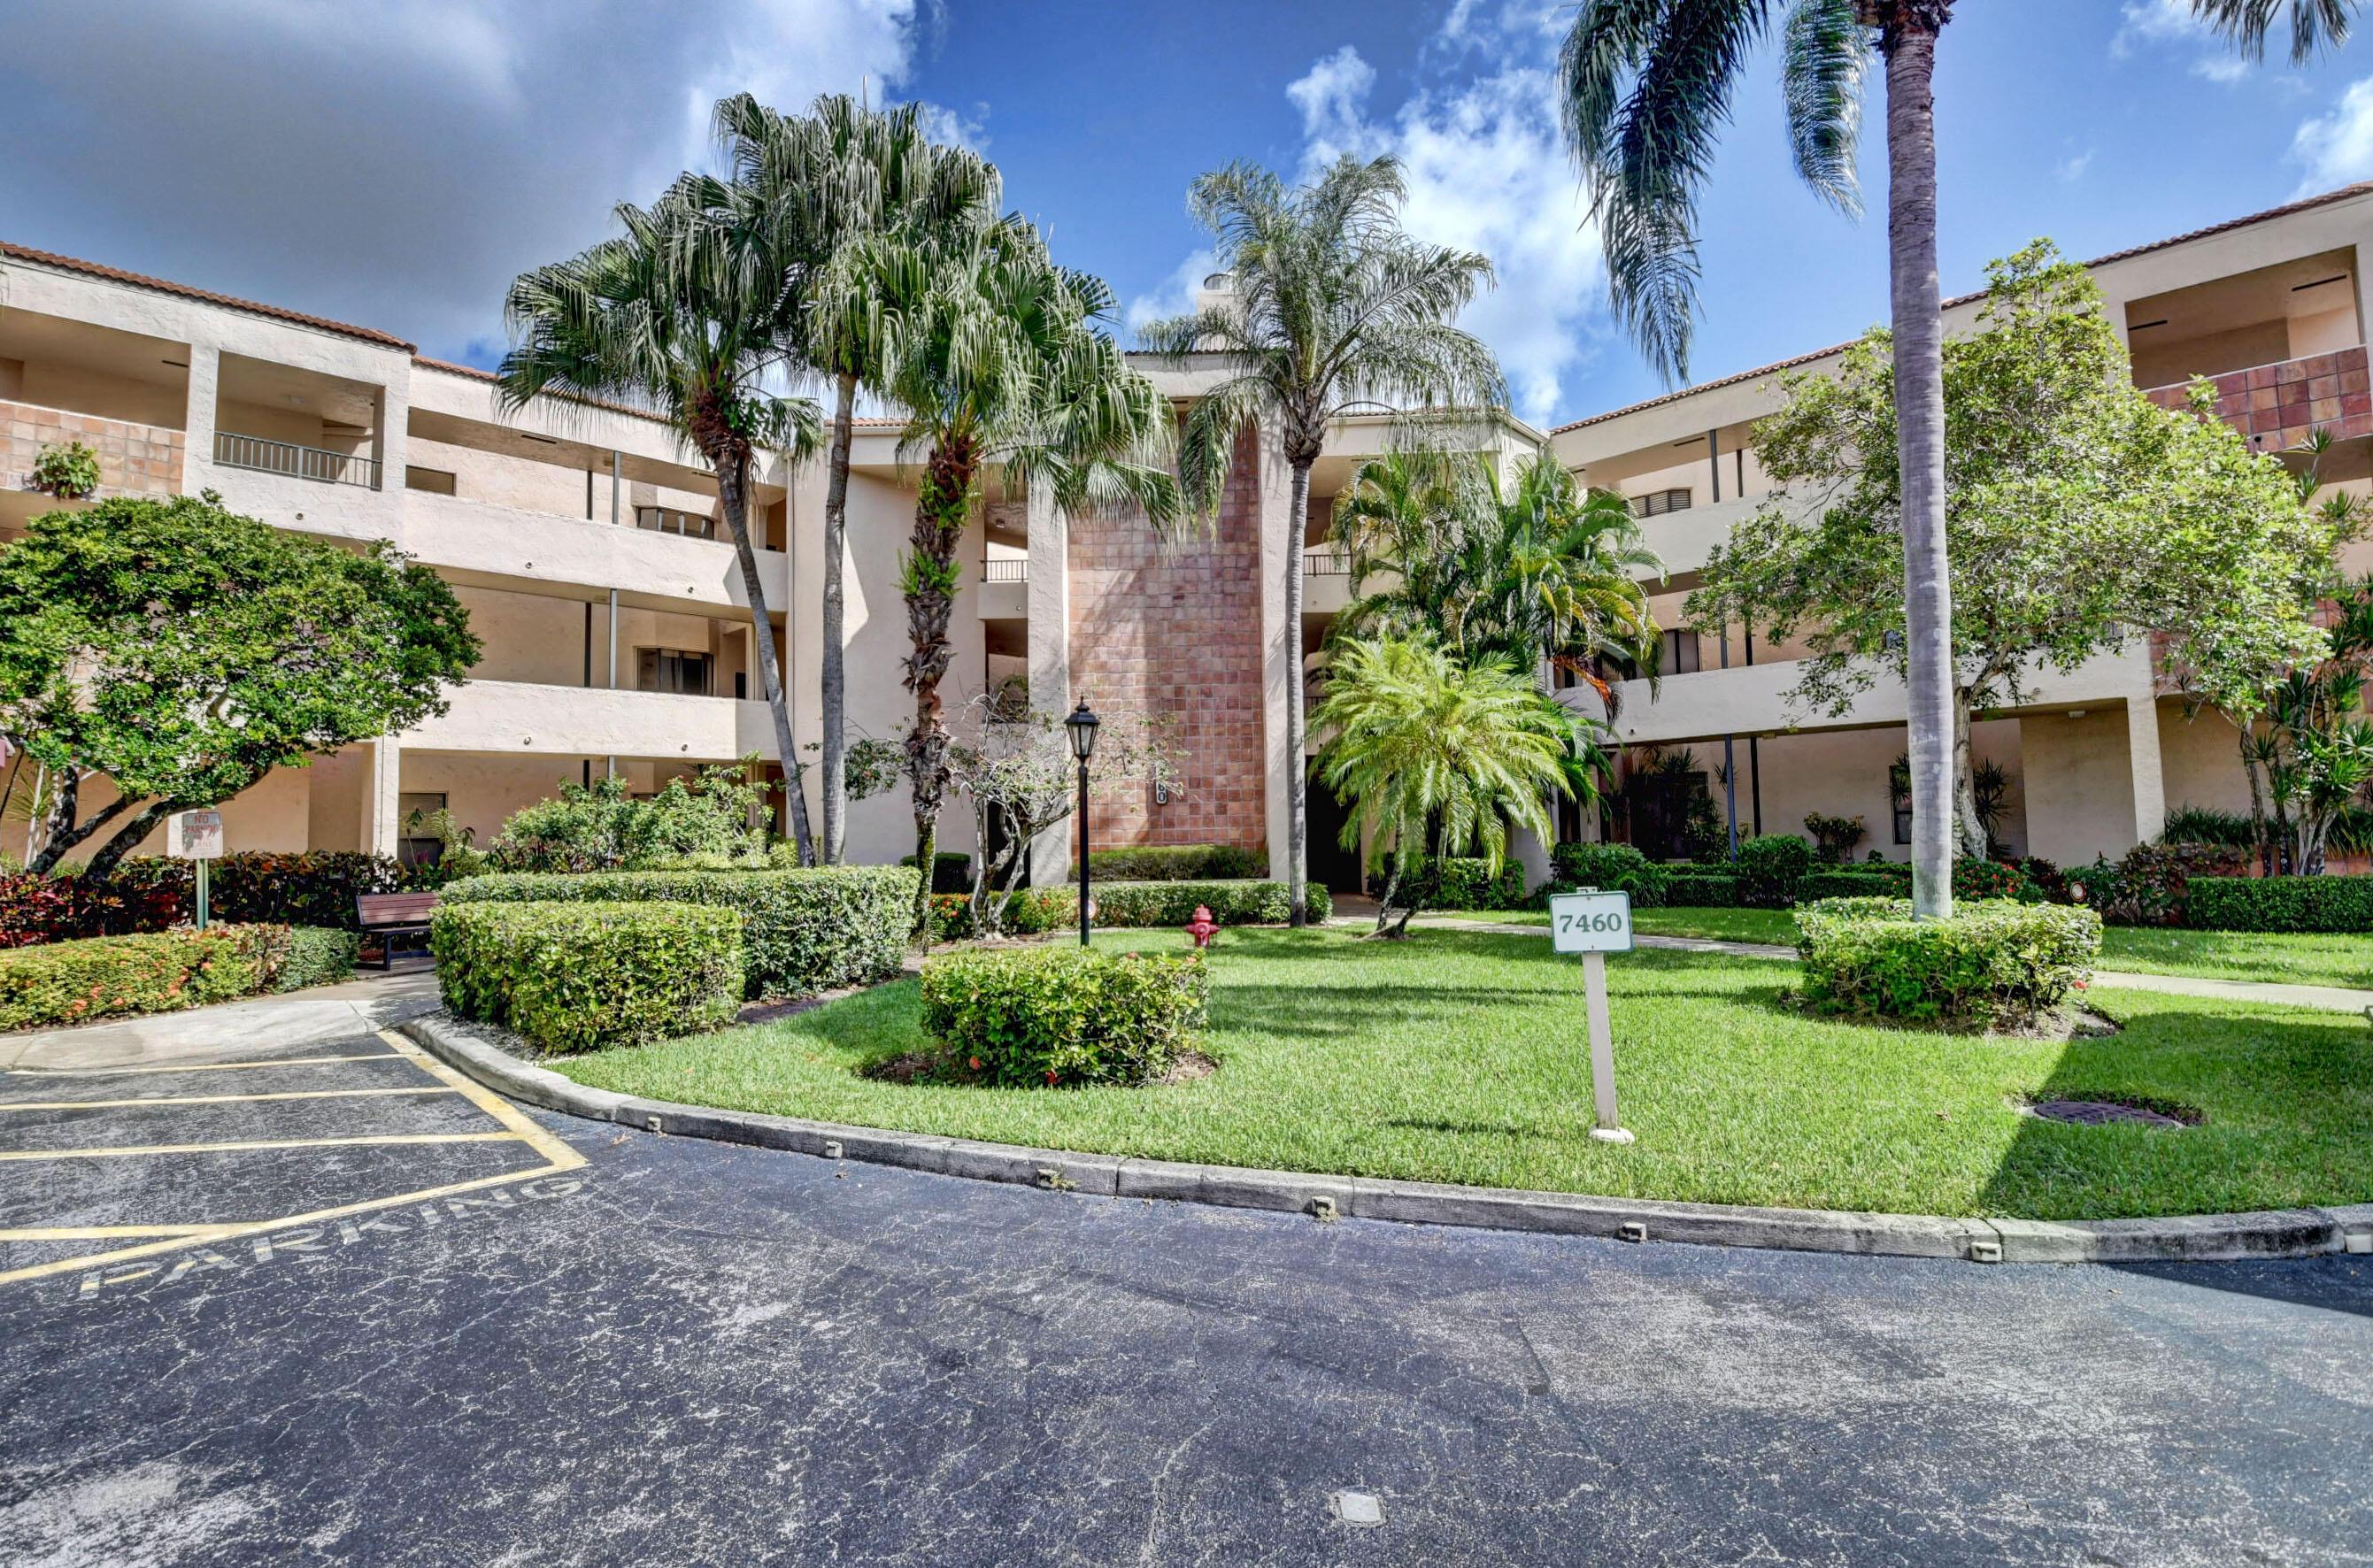 7460 La Paz Boulevard 310, Boca Raton, FL 33433